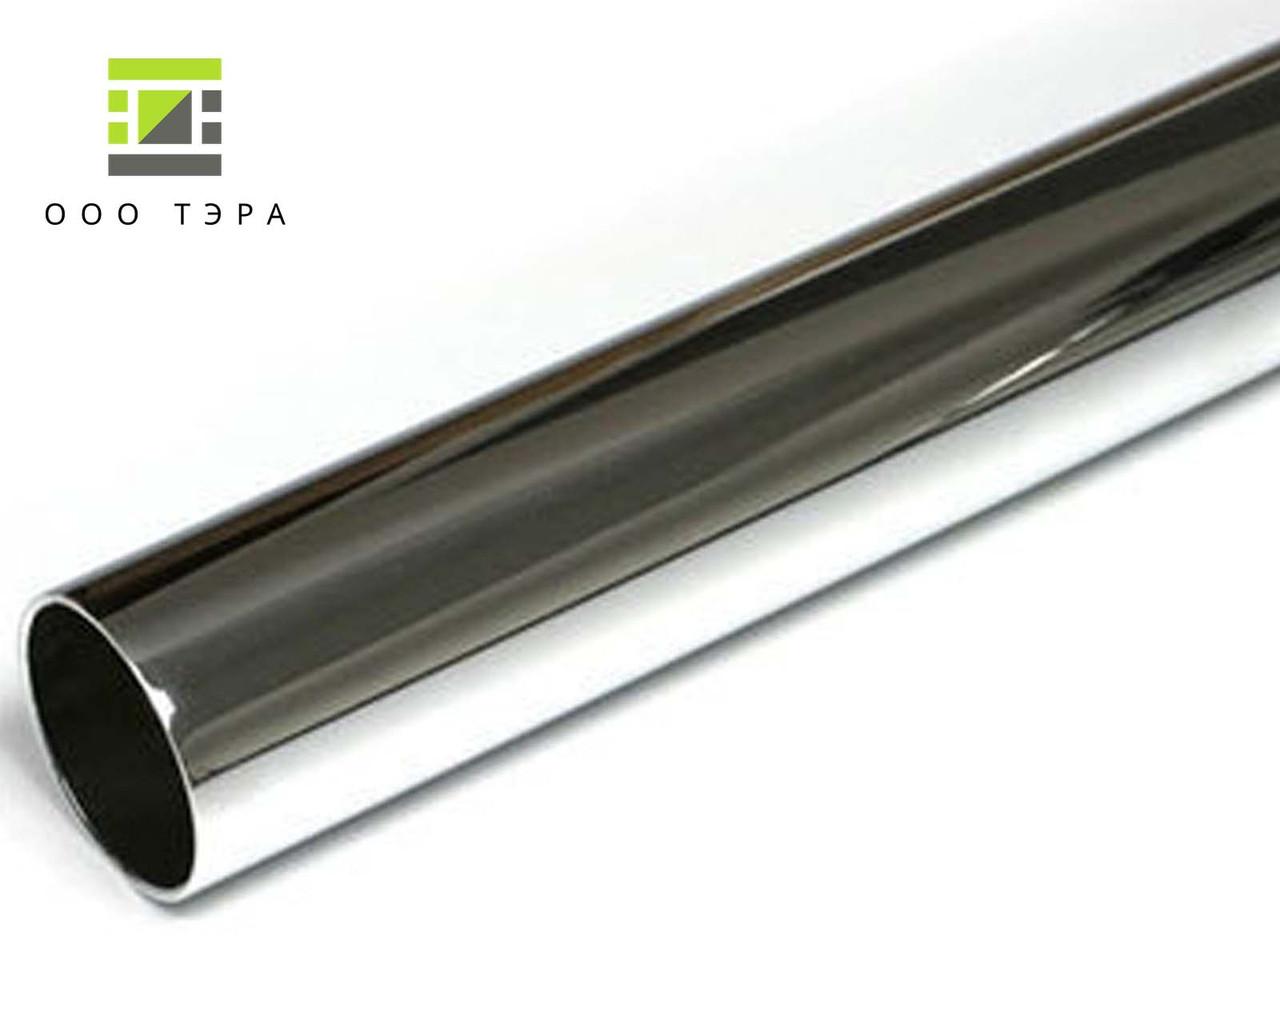 Труба круглая 20 х 3 мм aisi 304 нержавеющая кислотостойкая 08Х18Н10, аналог 1.4301